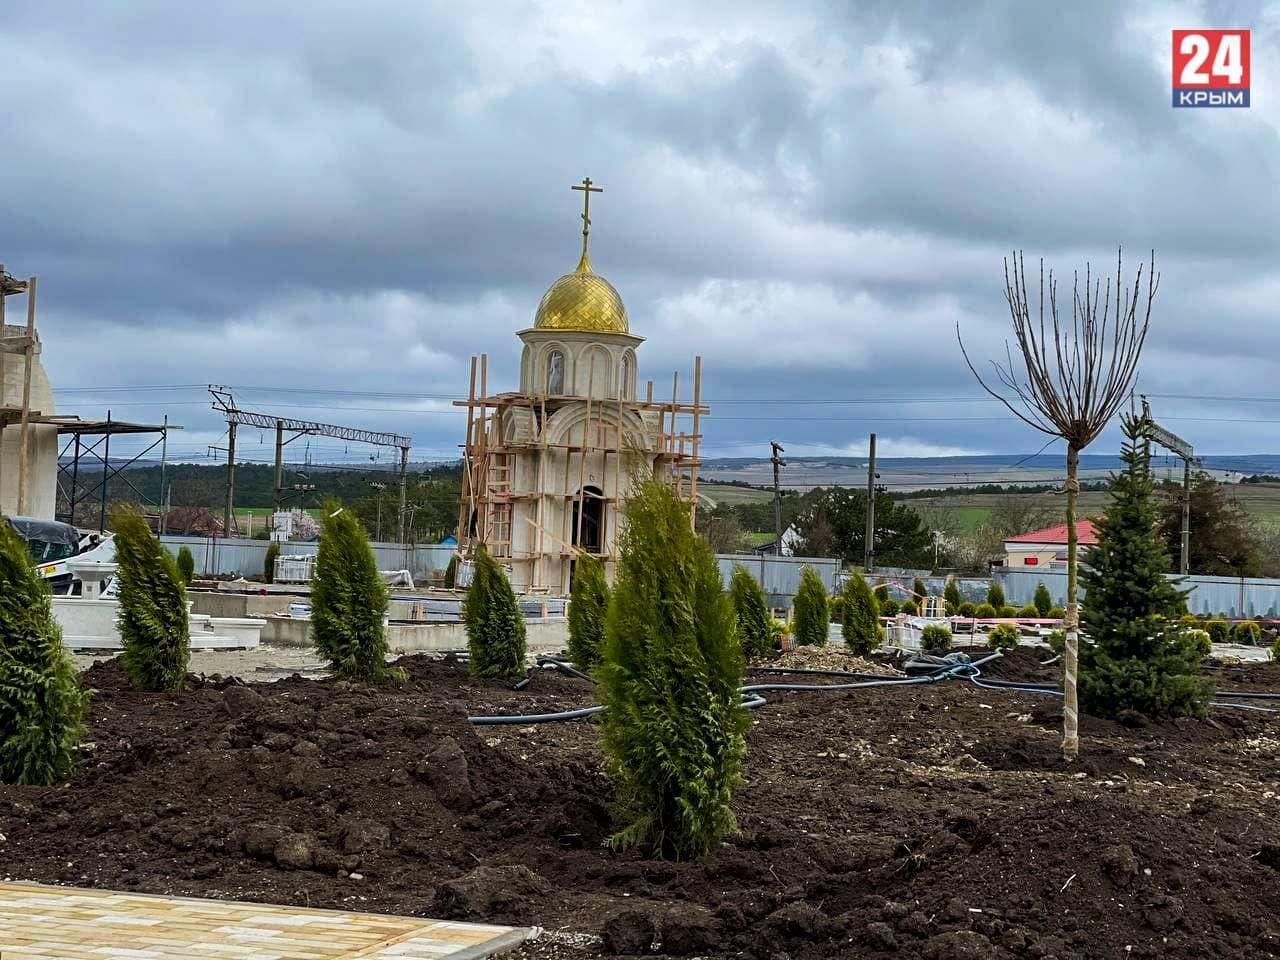 В мемориальном комплексе «Путь возрождения народов Крыма» в посёлке Сирень Бахчисарайского района установят памятник, символизирующий молебен.